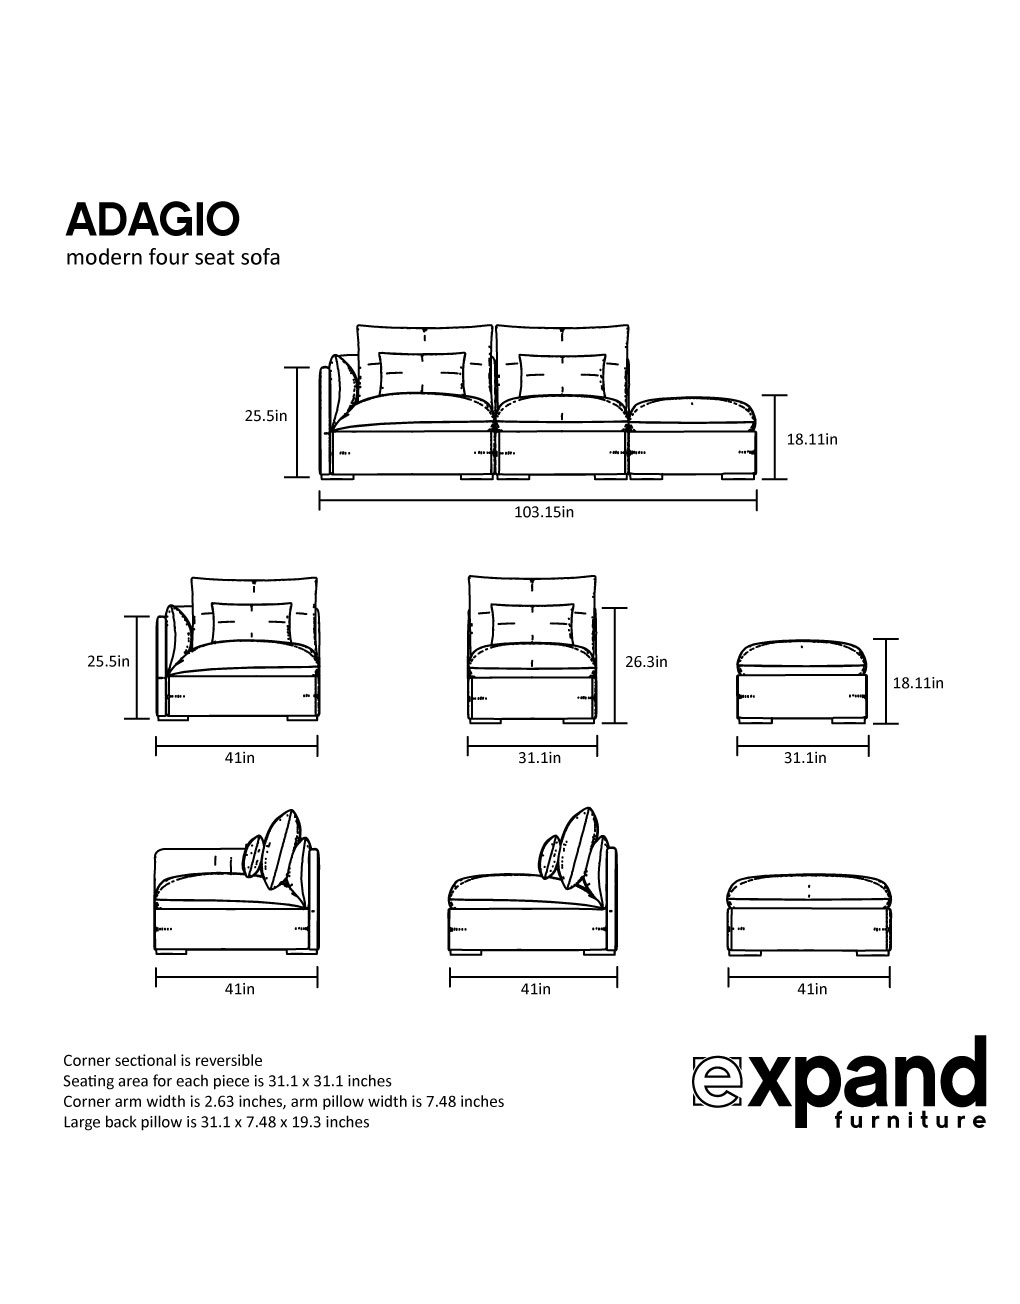 Adagio Modern 3 Seat Sofa Expand Furniture Folding